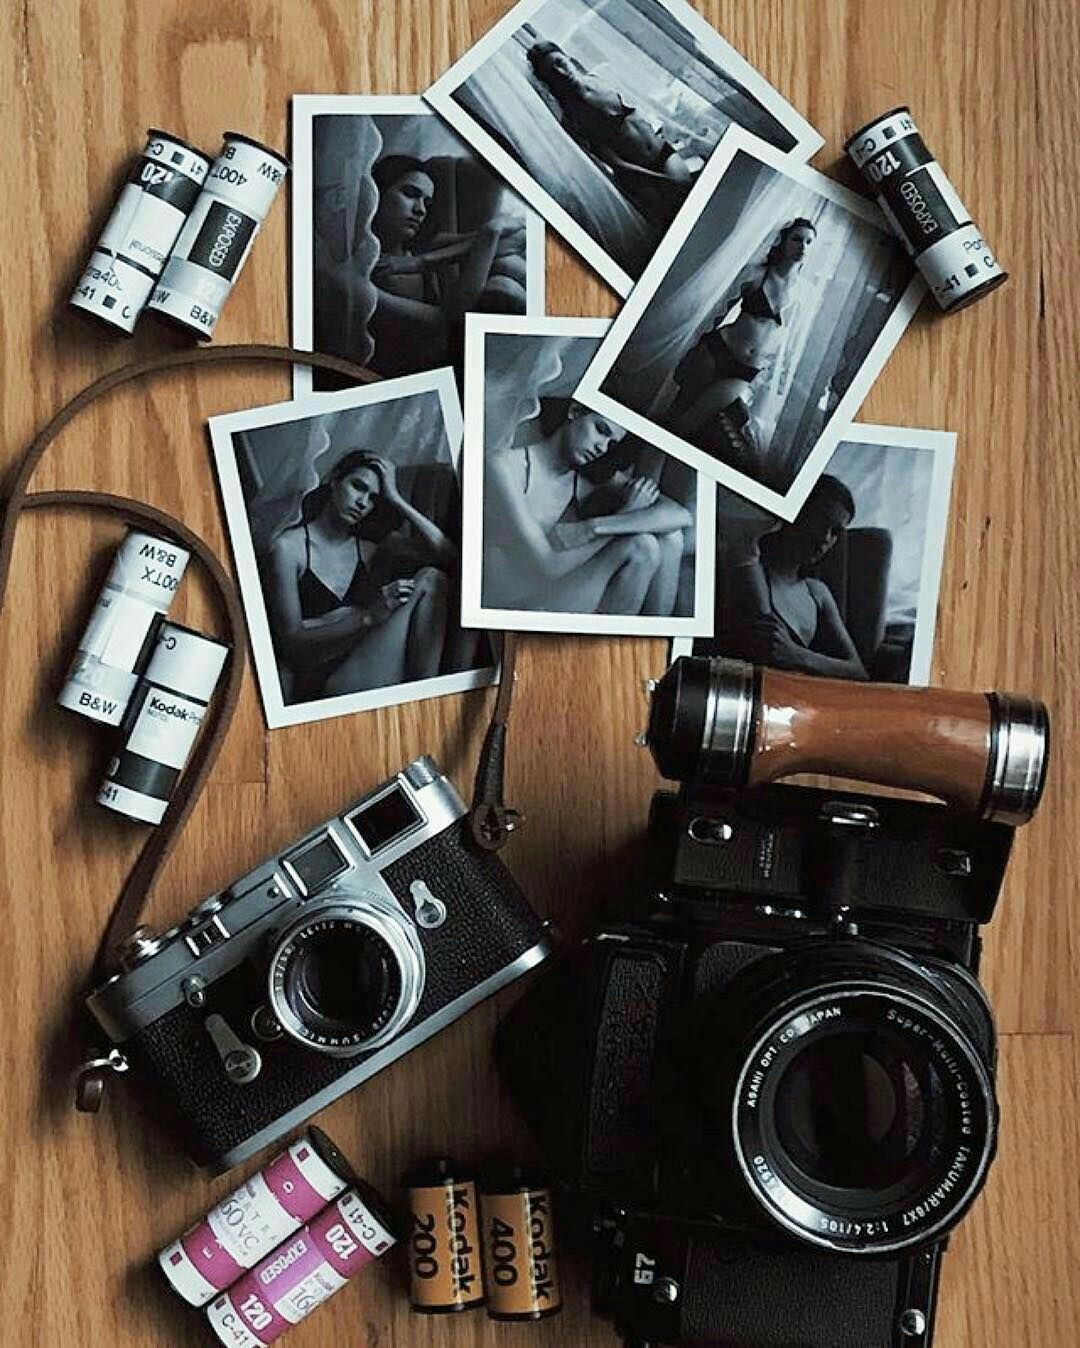 какую выбрать фотопленку для фотографии пейзажей кухонных аксессуаров